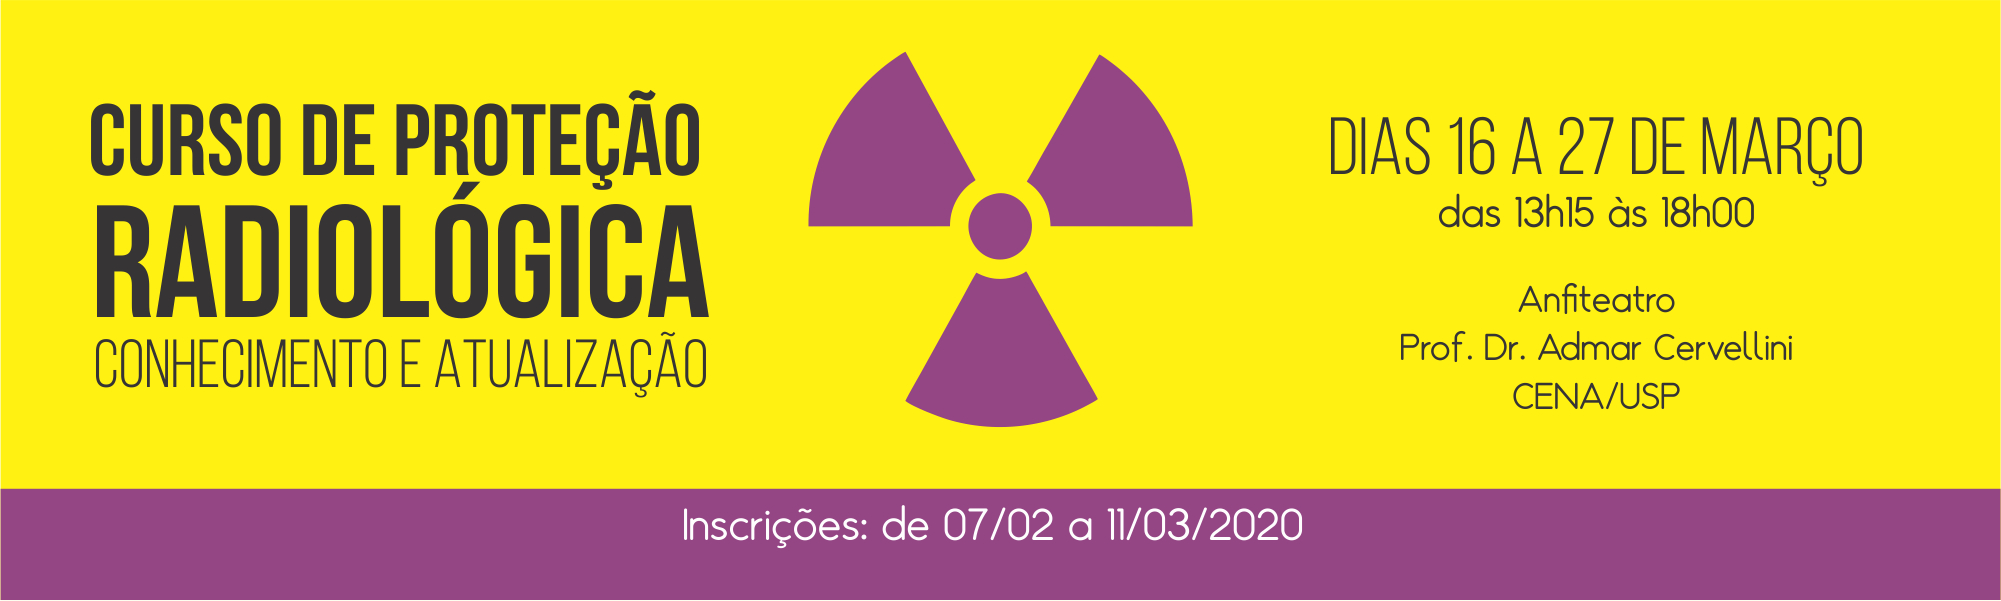 curso_protecao_2020